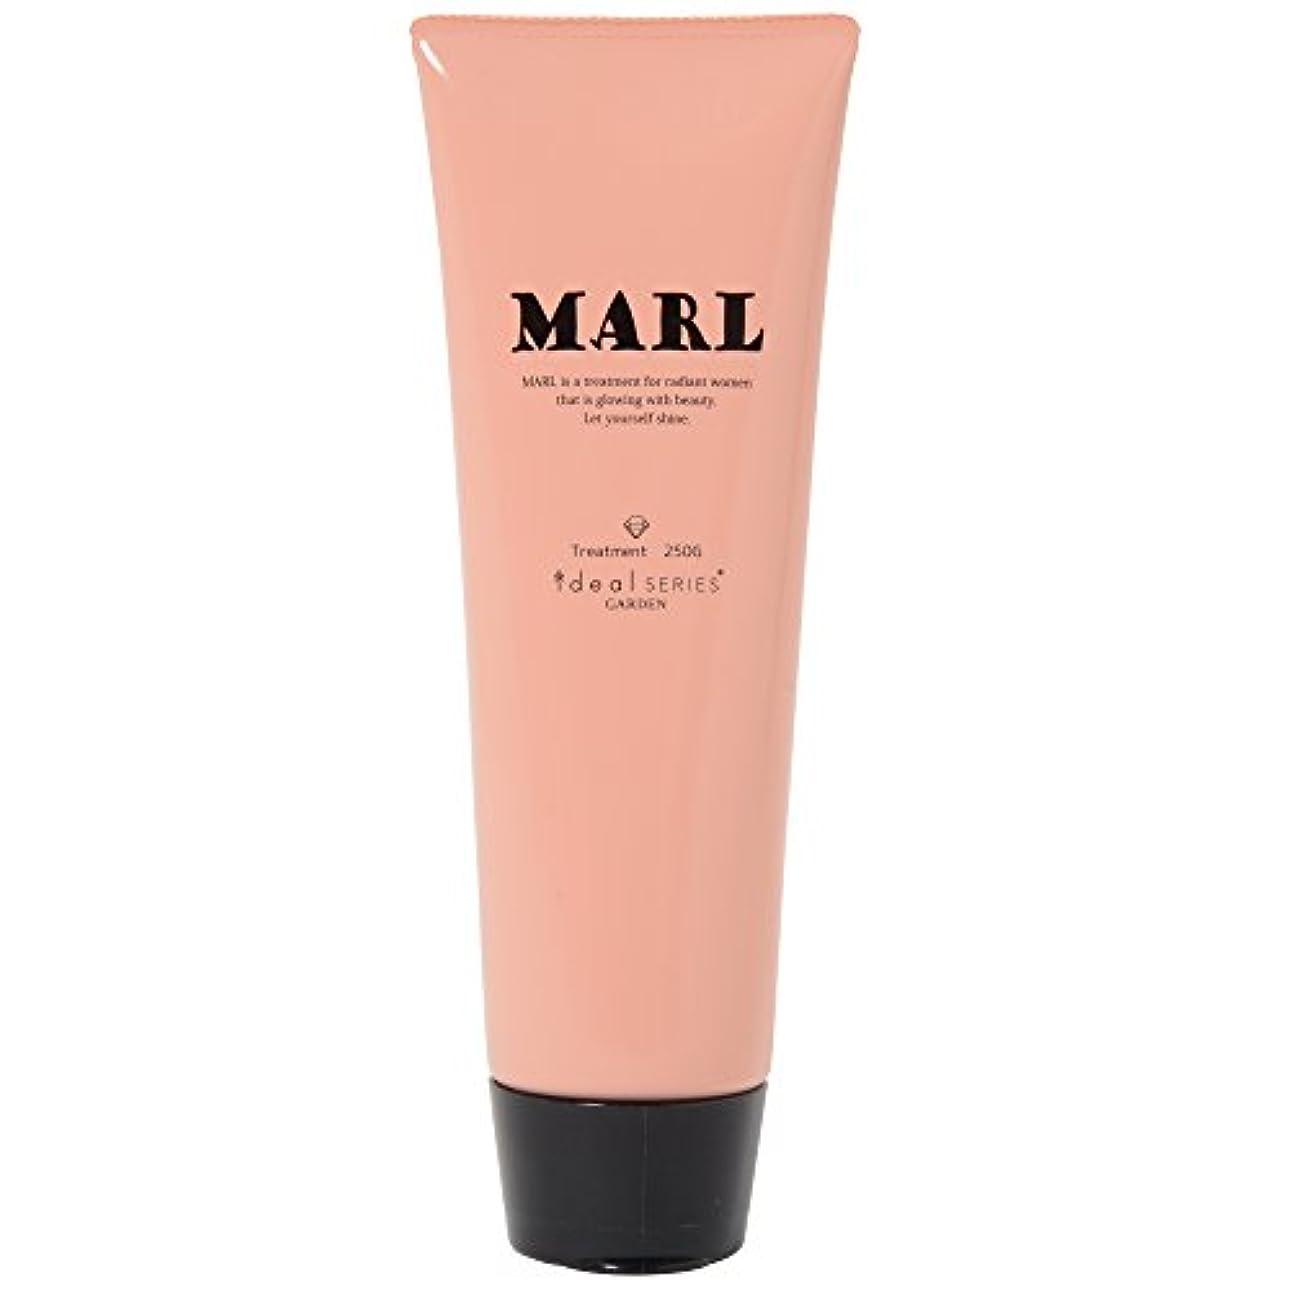 クレア透明に始まりGARDEN ガーデン ideal SERIES MARL  髪にも肌にもやさしいトリートメント 250g